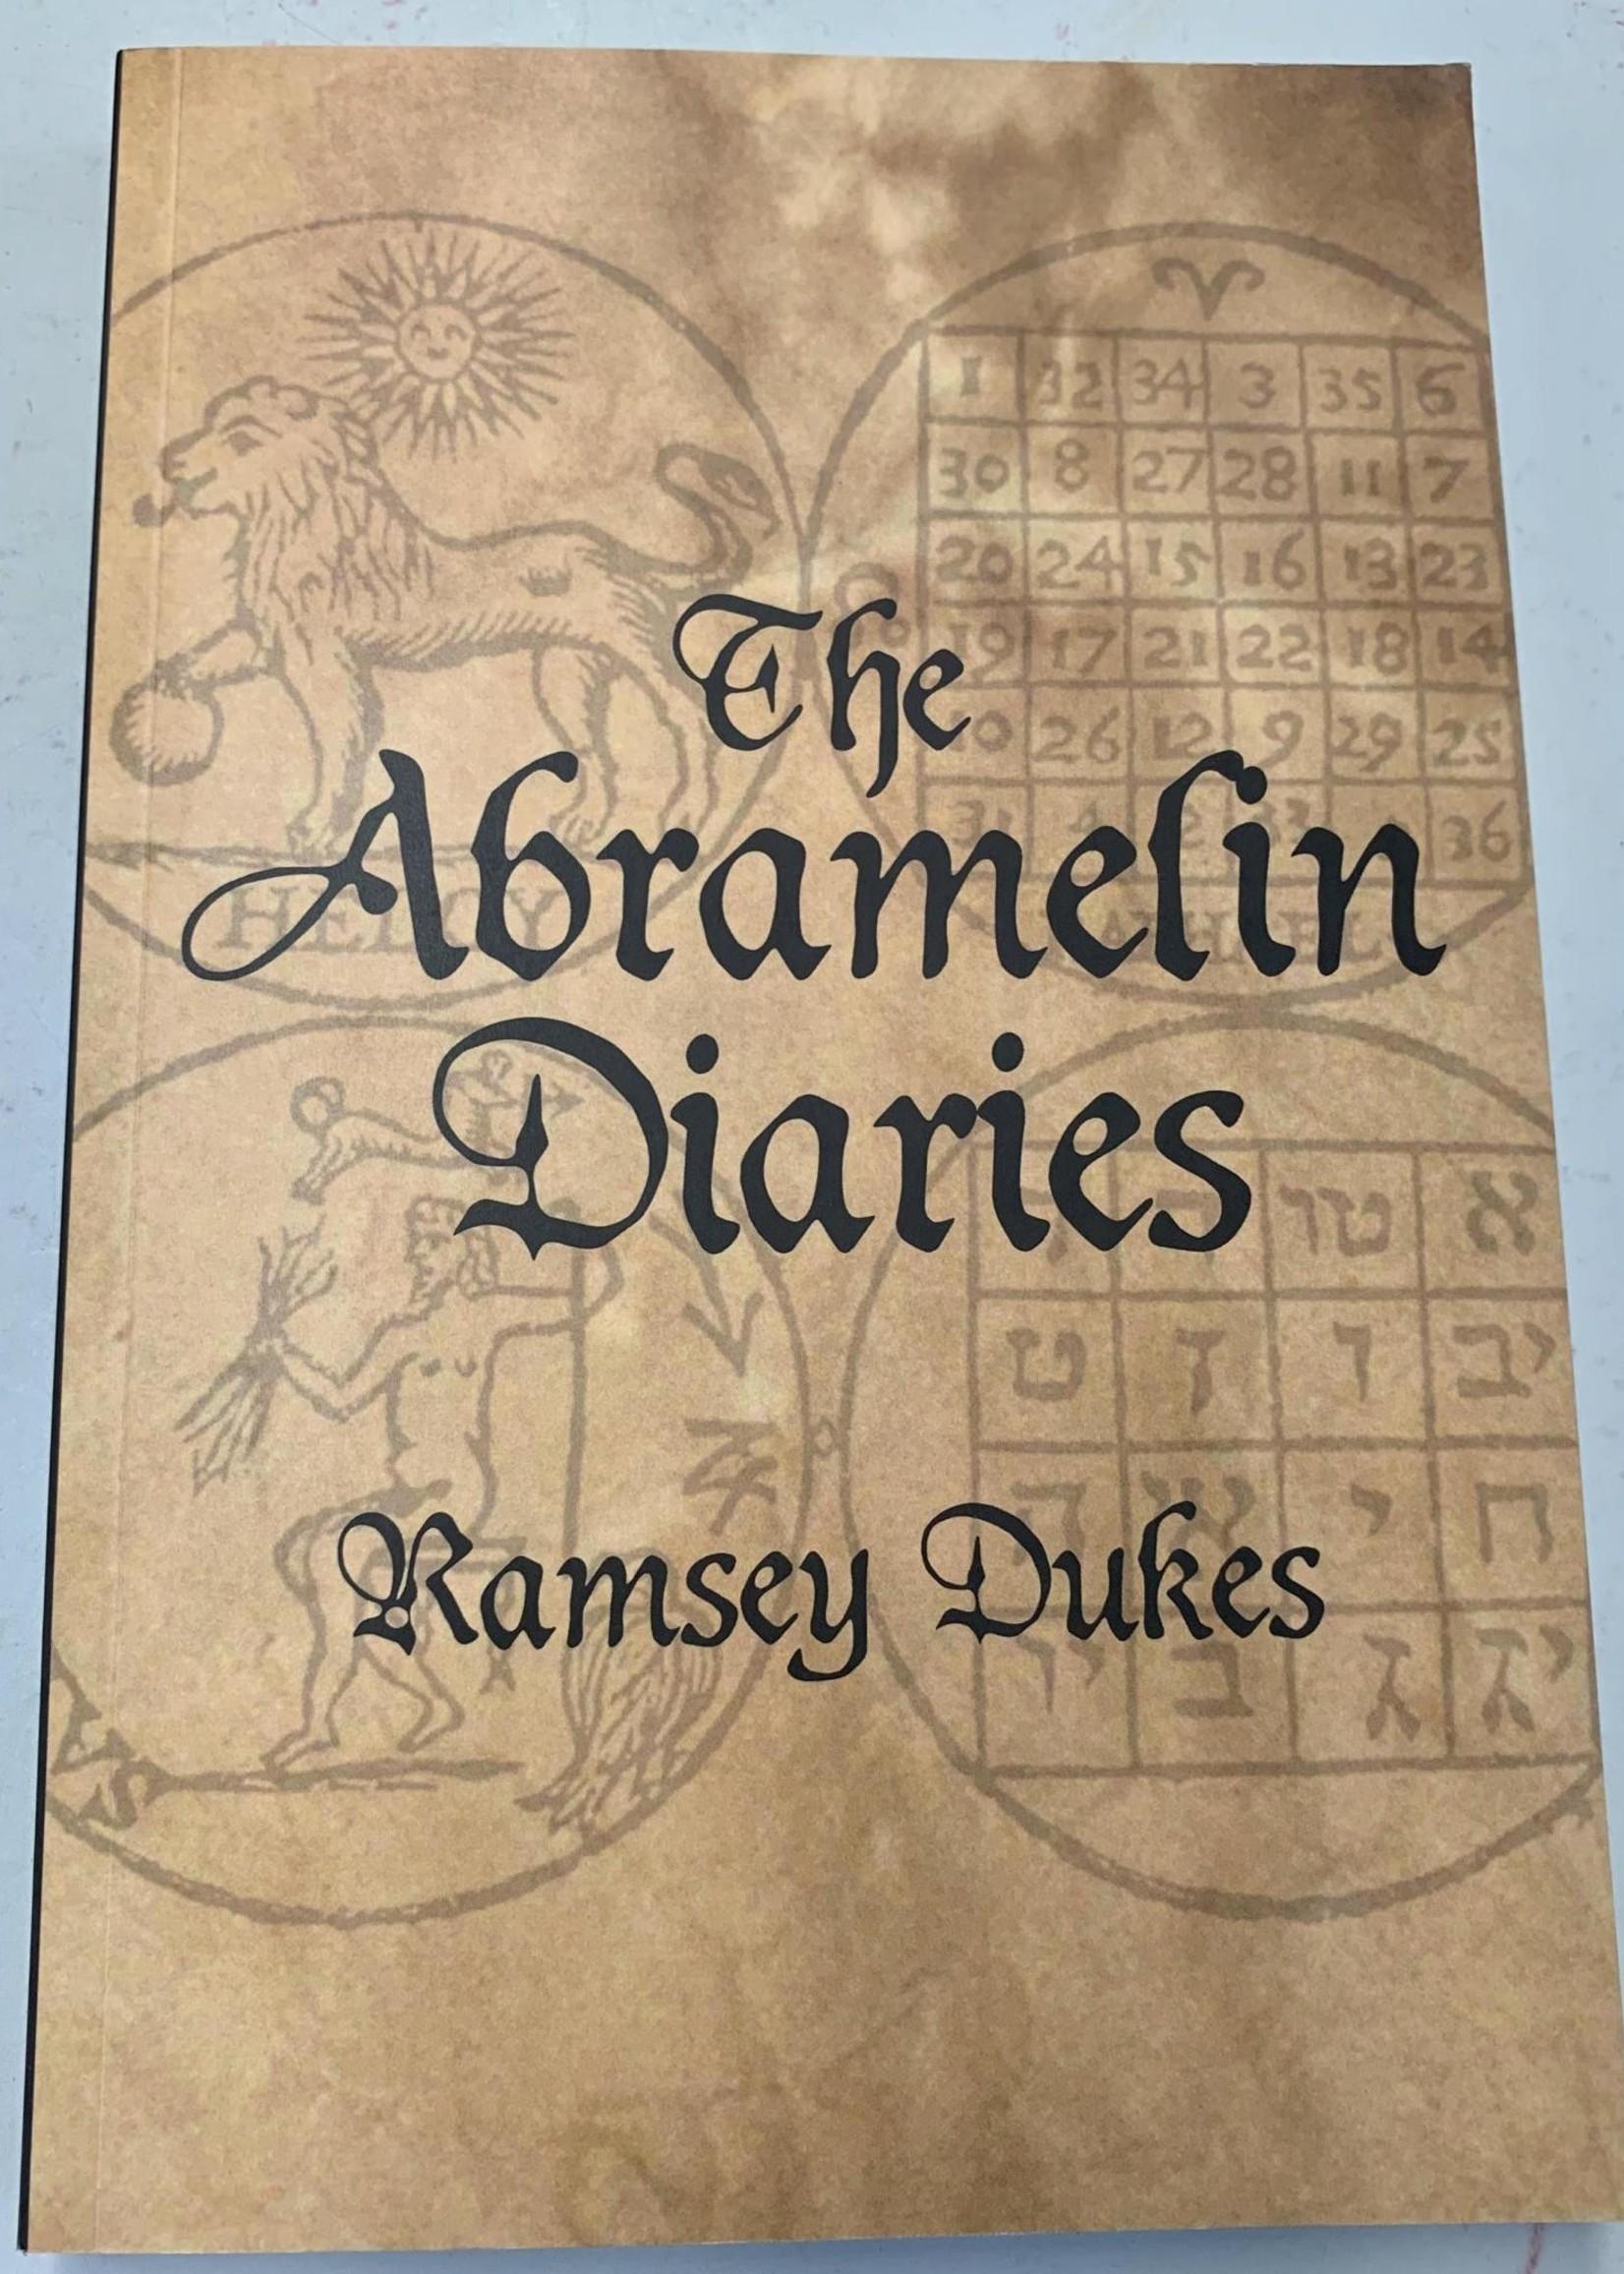 The Abramelin Diaries - Ramsey Dukes